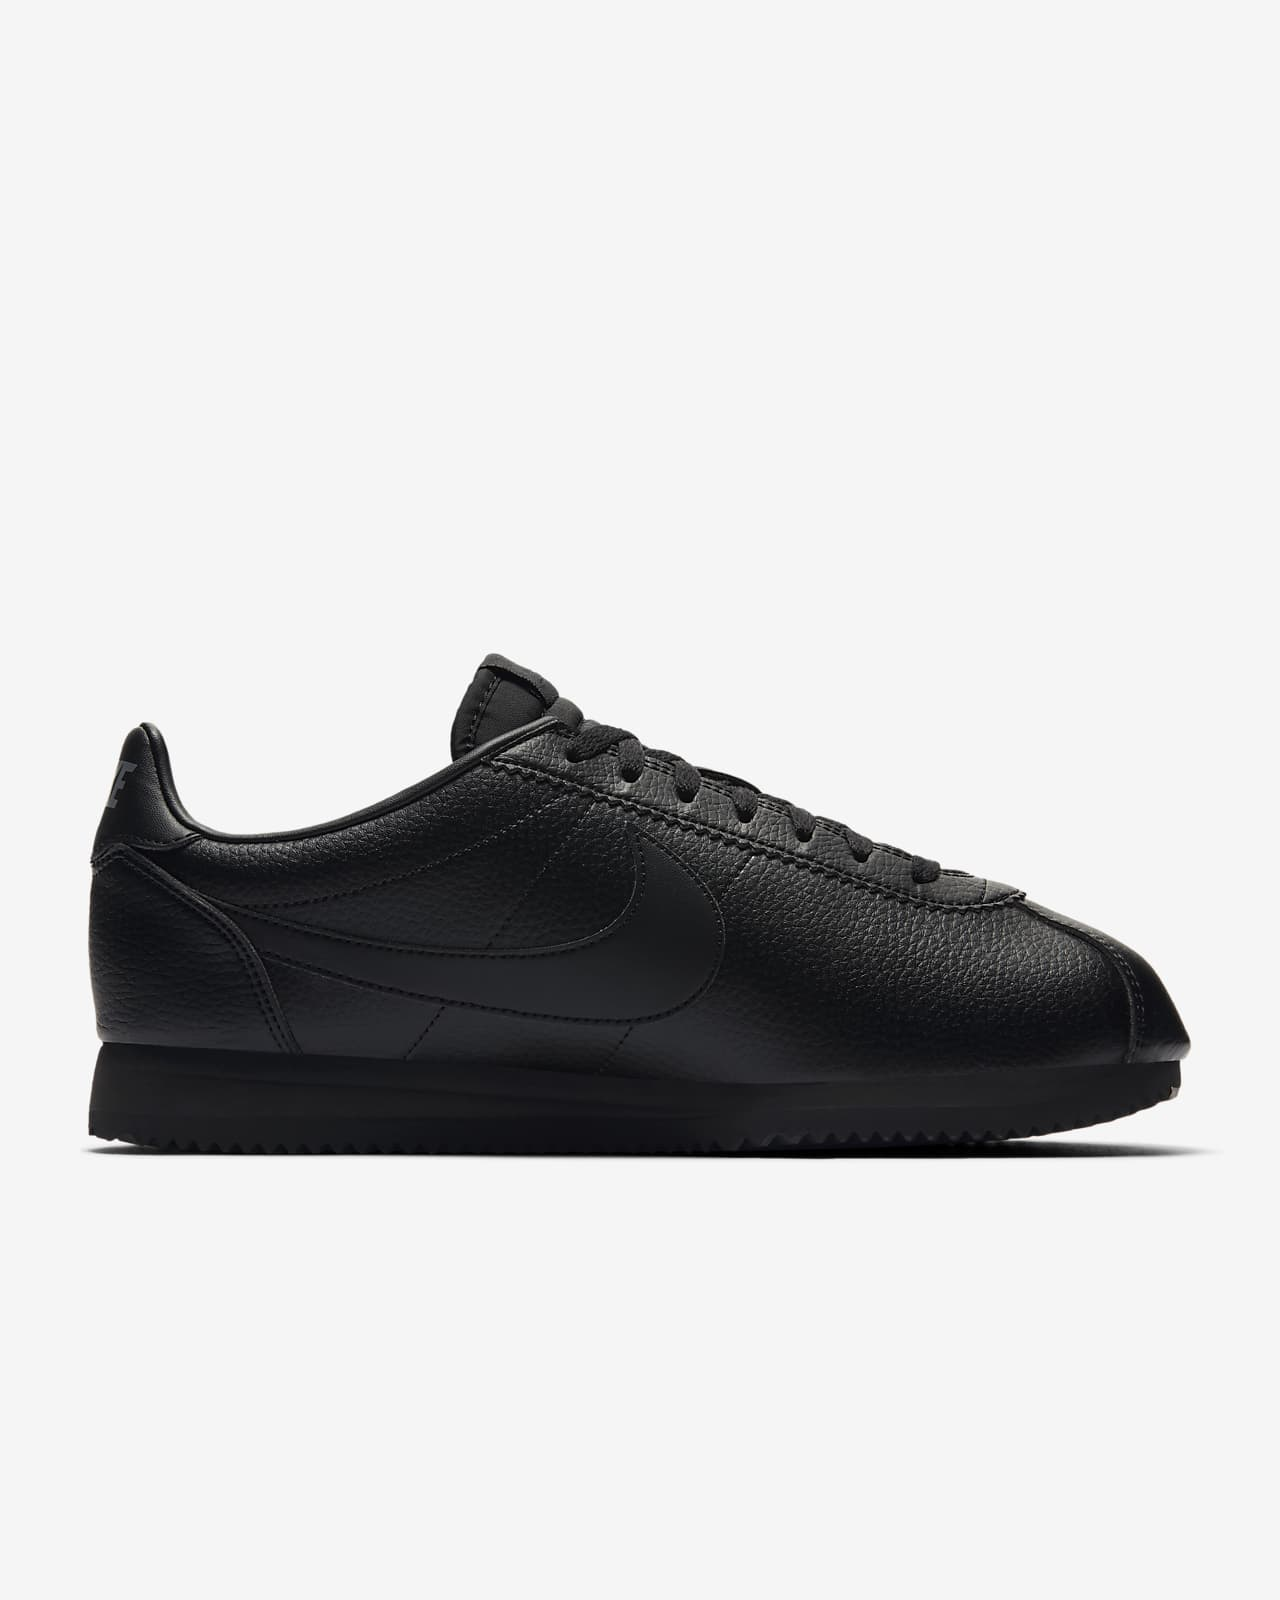 chaussure nike cortez homme 2019 noir